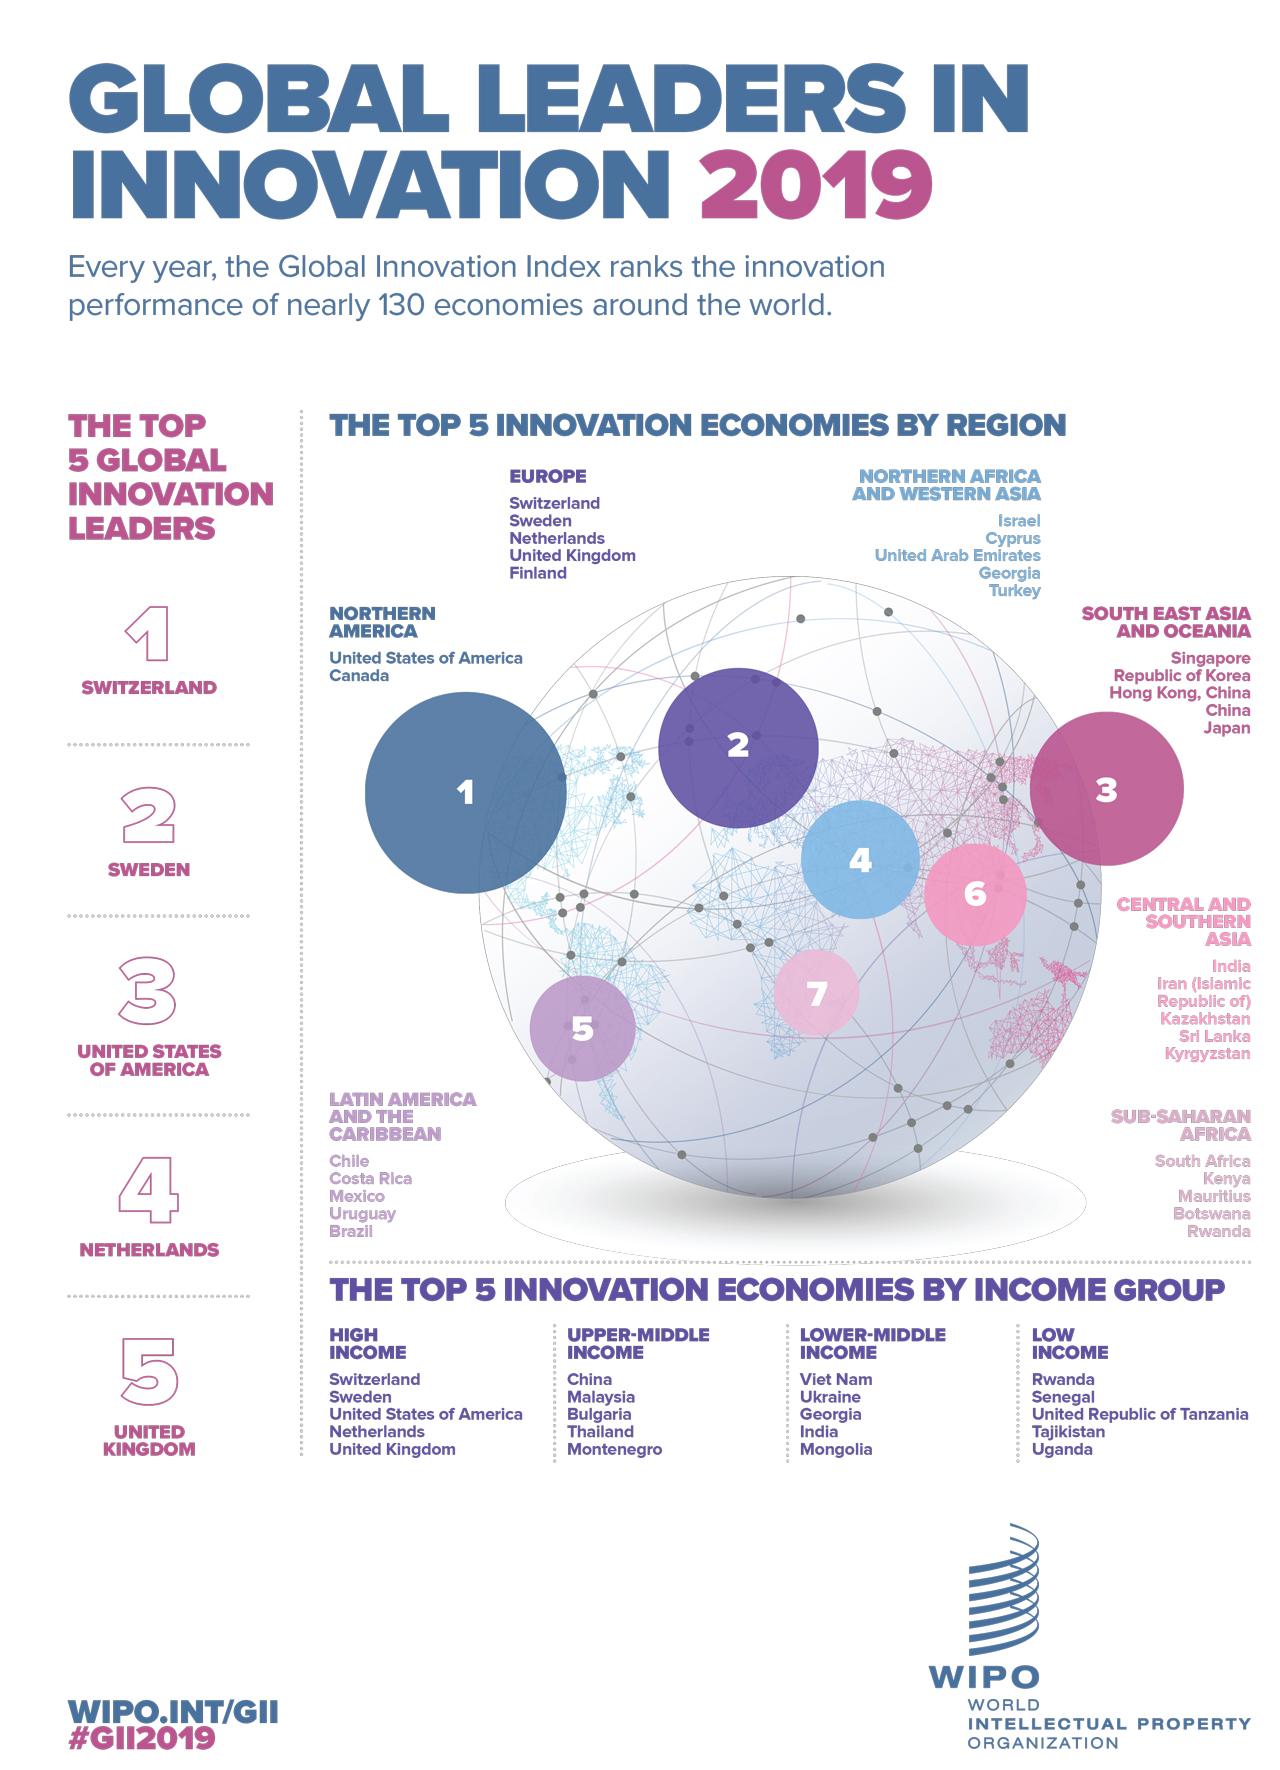 Největší světoví inovátoři. Inovace, Švýcarsko, Švédsko, Holandsko, Velká Británie, Spojené státy americké